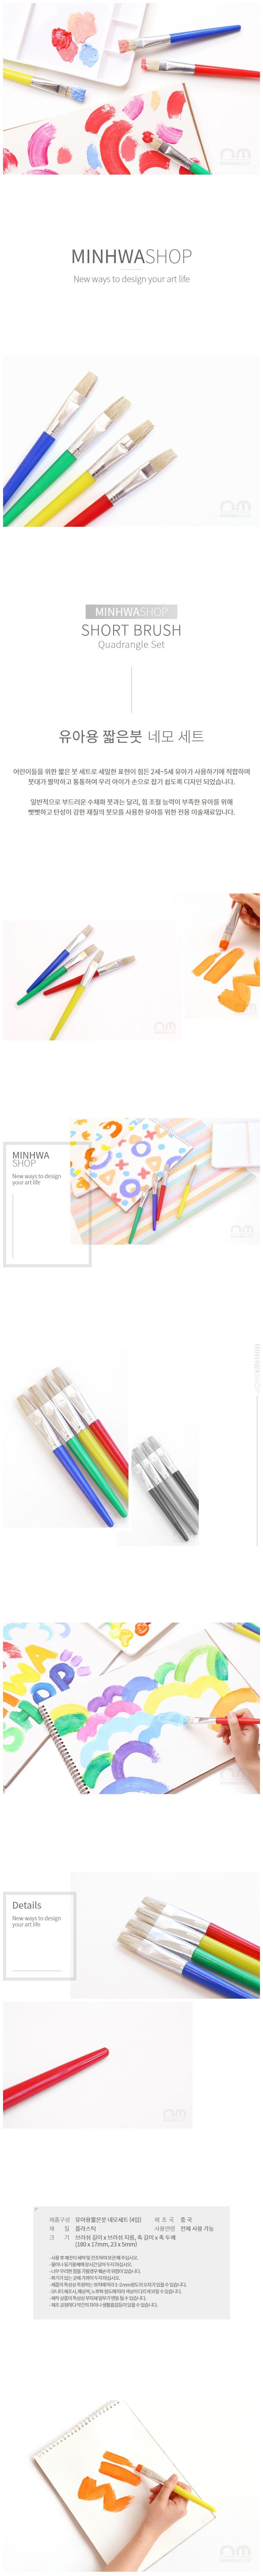 유아미술재료 유아용짧은붓 네모세트 (4개입) - 민화샵, 5,400원, 수채화용품, 수채화붓